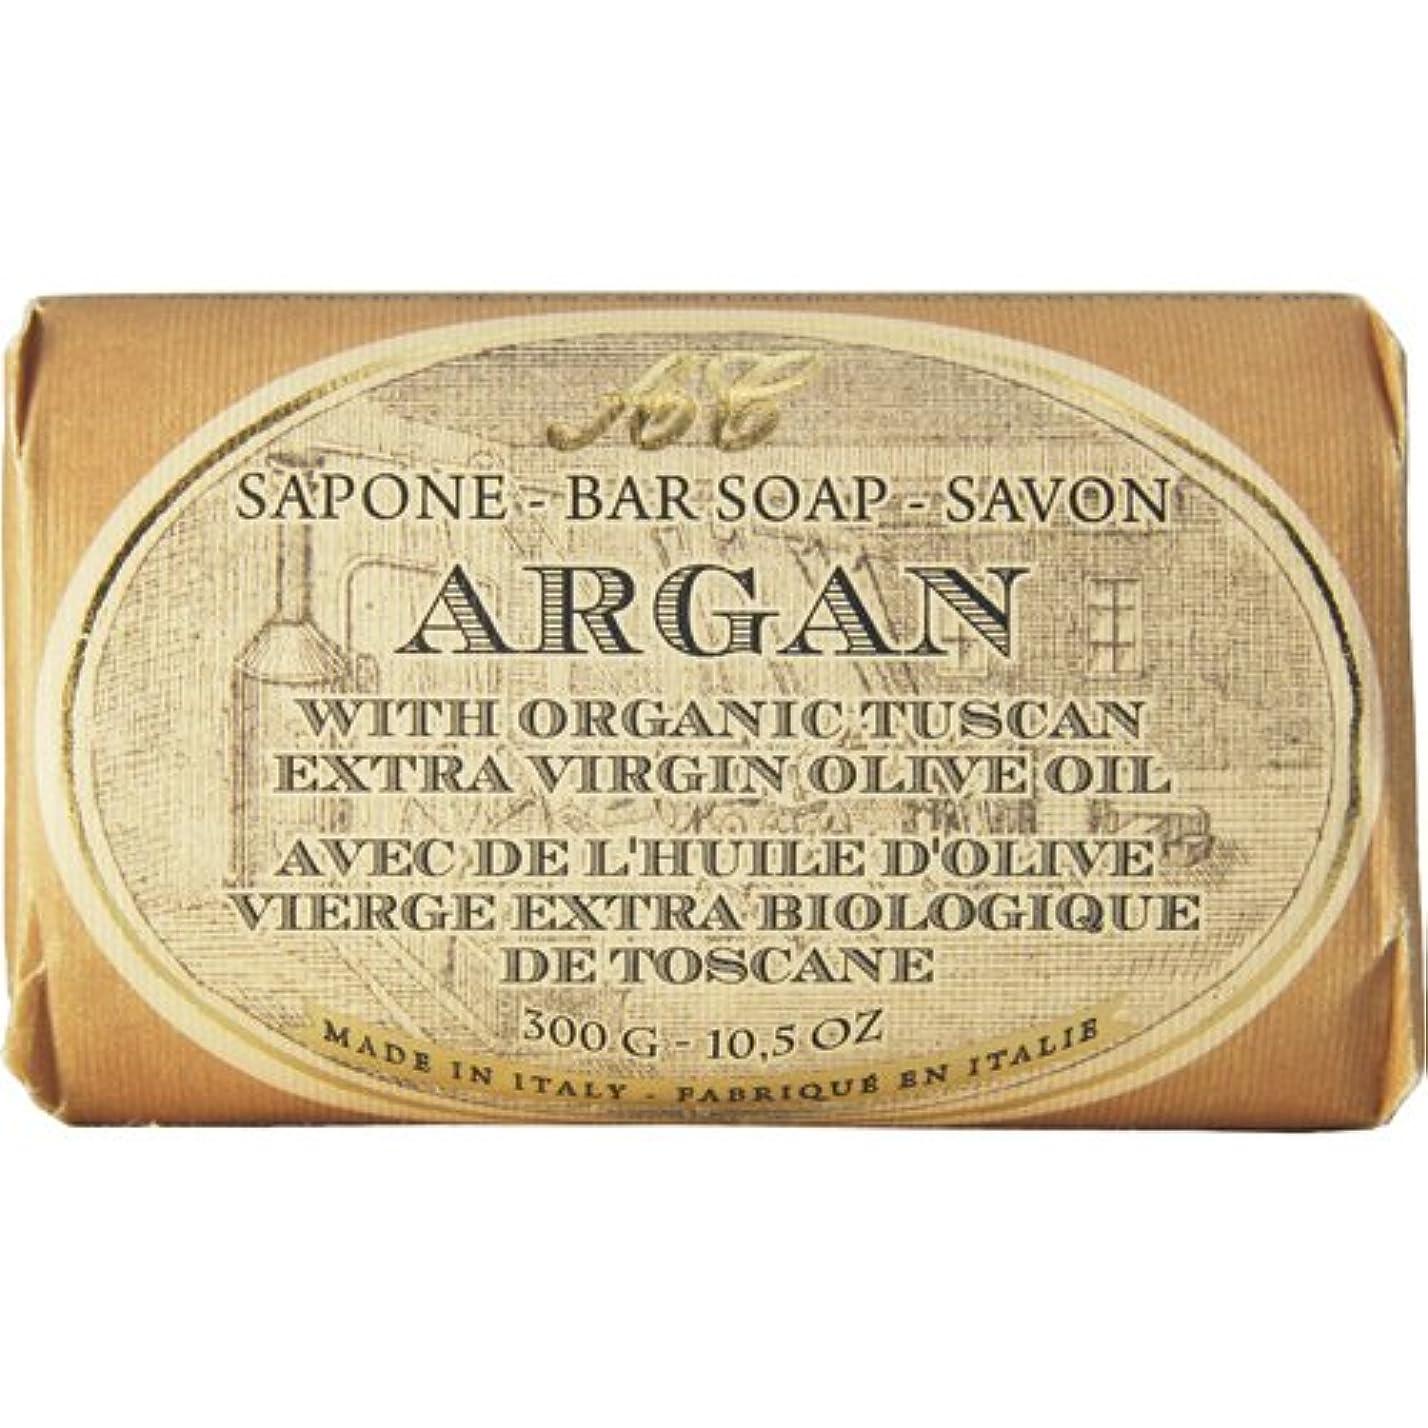 第資本主義持続するSaponerire Fissi レトロシリーズ Bar Soap バーソープ 300g Argan アルガンオイル